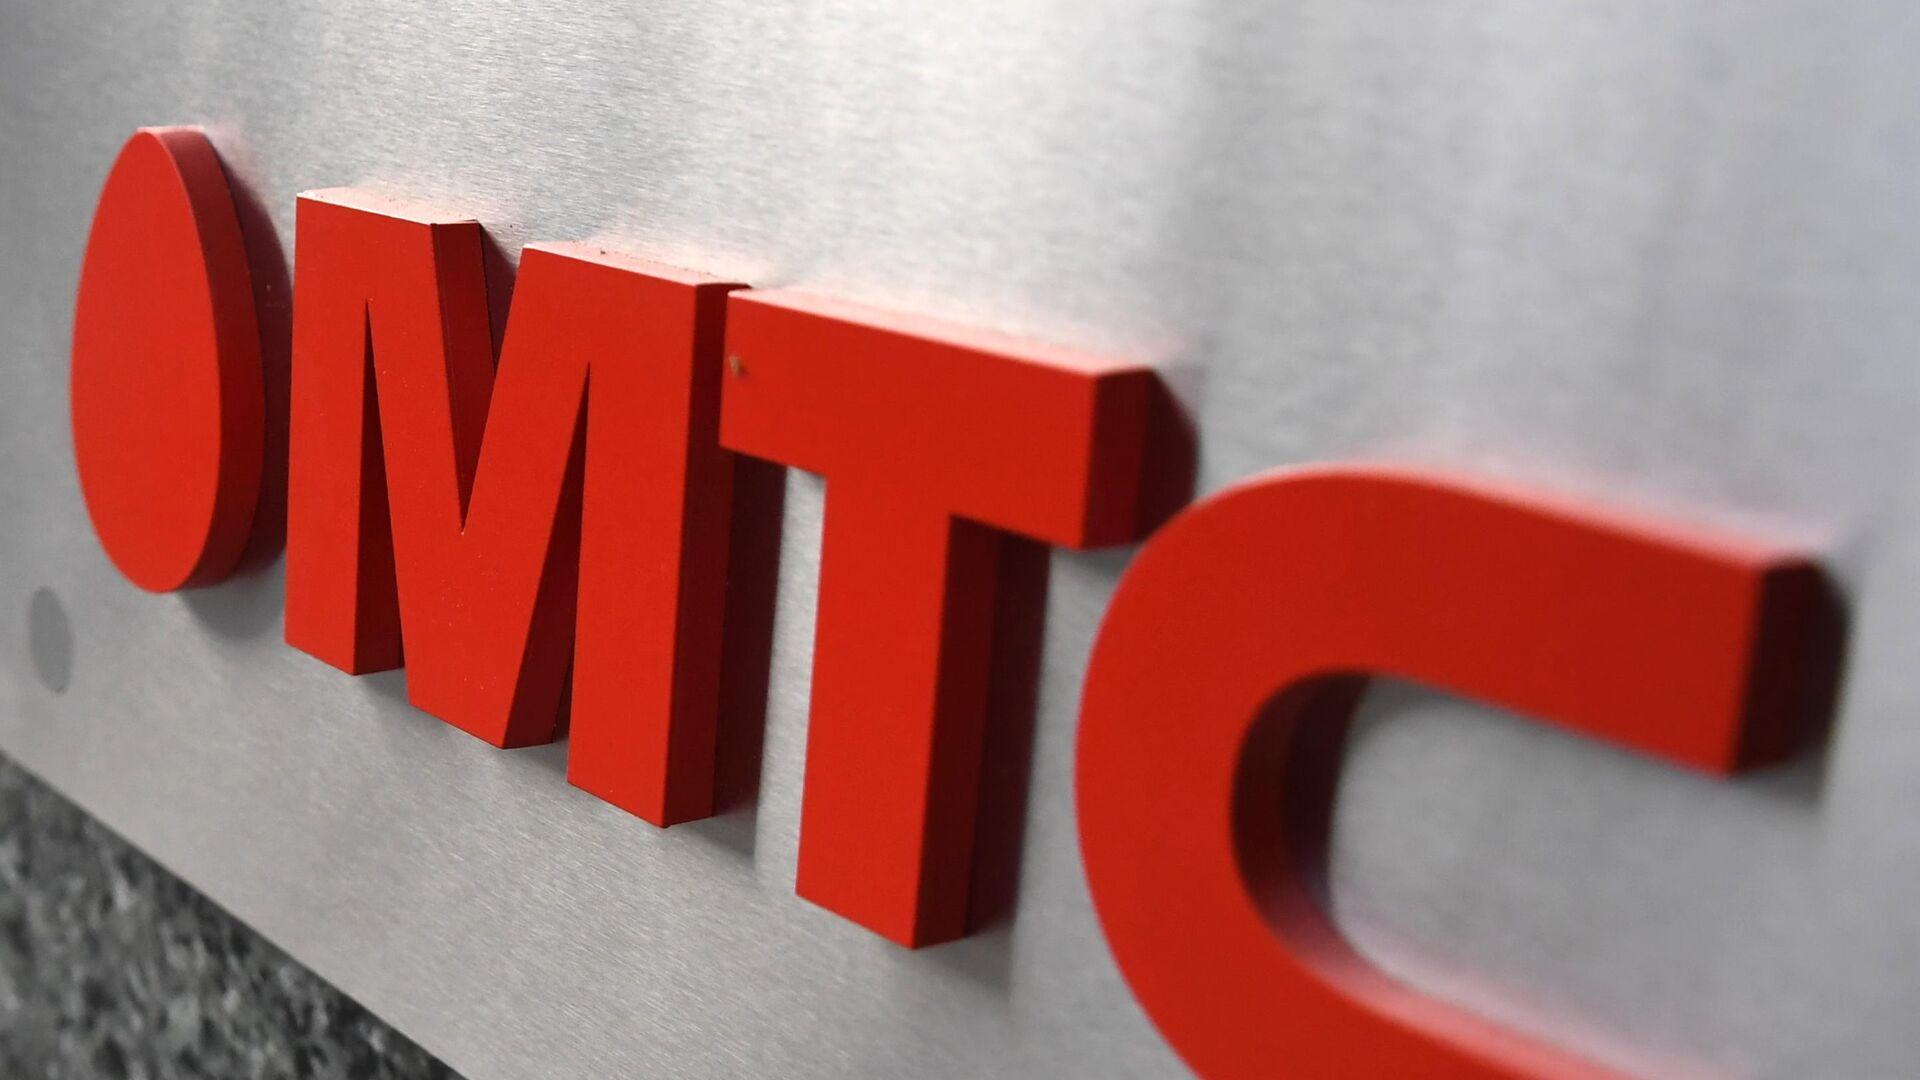 Сеть МТС восстановила работу в обычном режиме